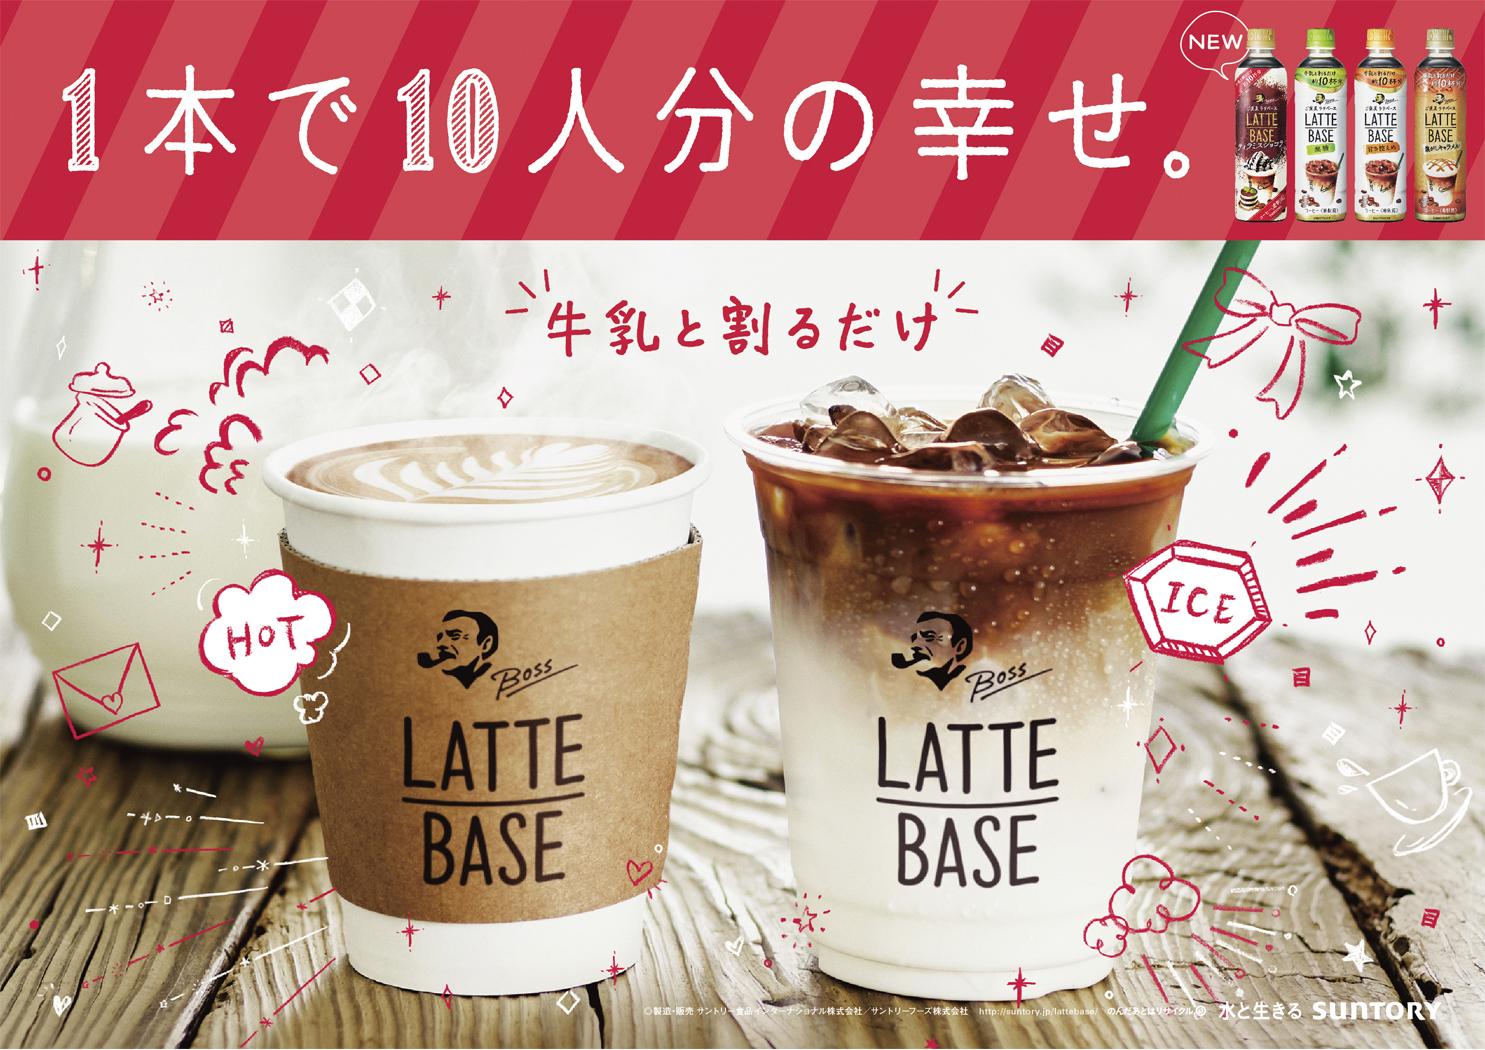 Suntory boss LatteBase Valentine B3board